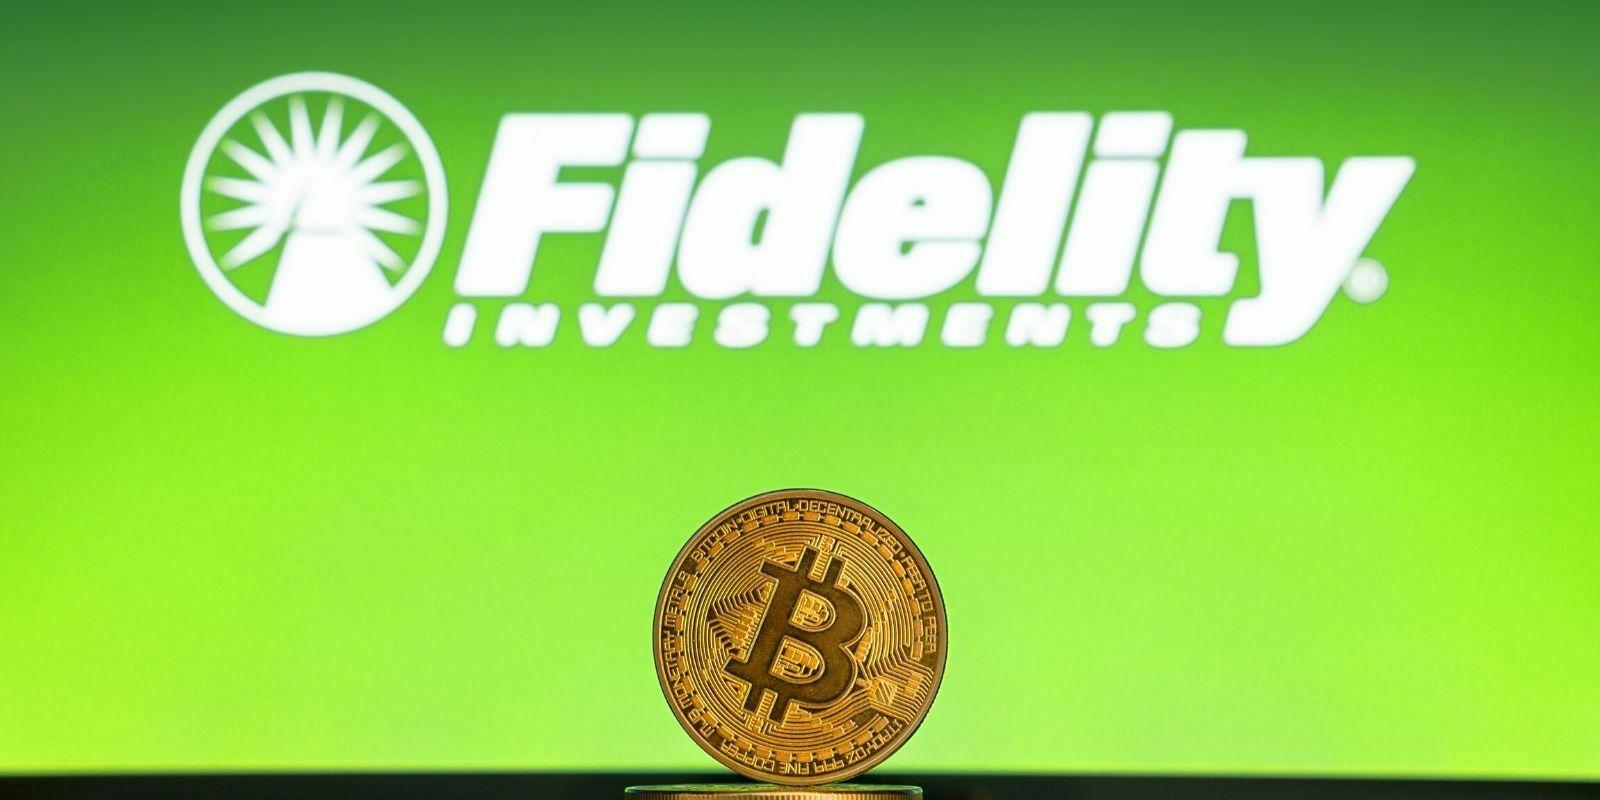 Le géant de la finance Fidelity lance son premier fonds Bitcoin (BTC)